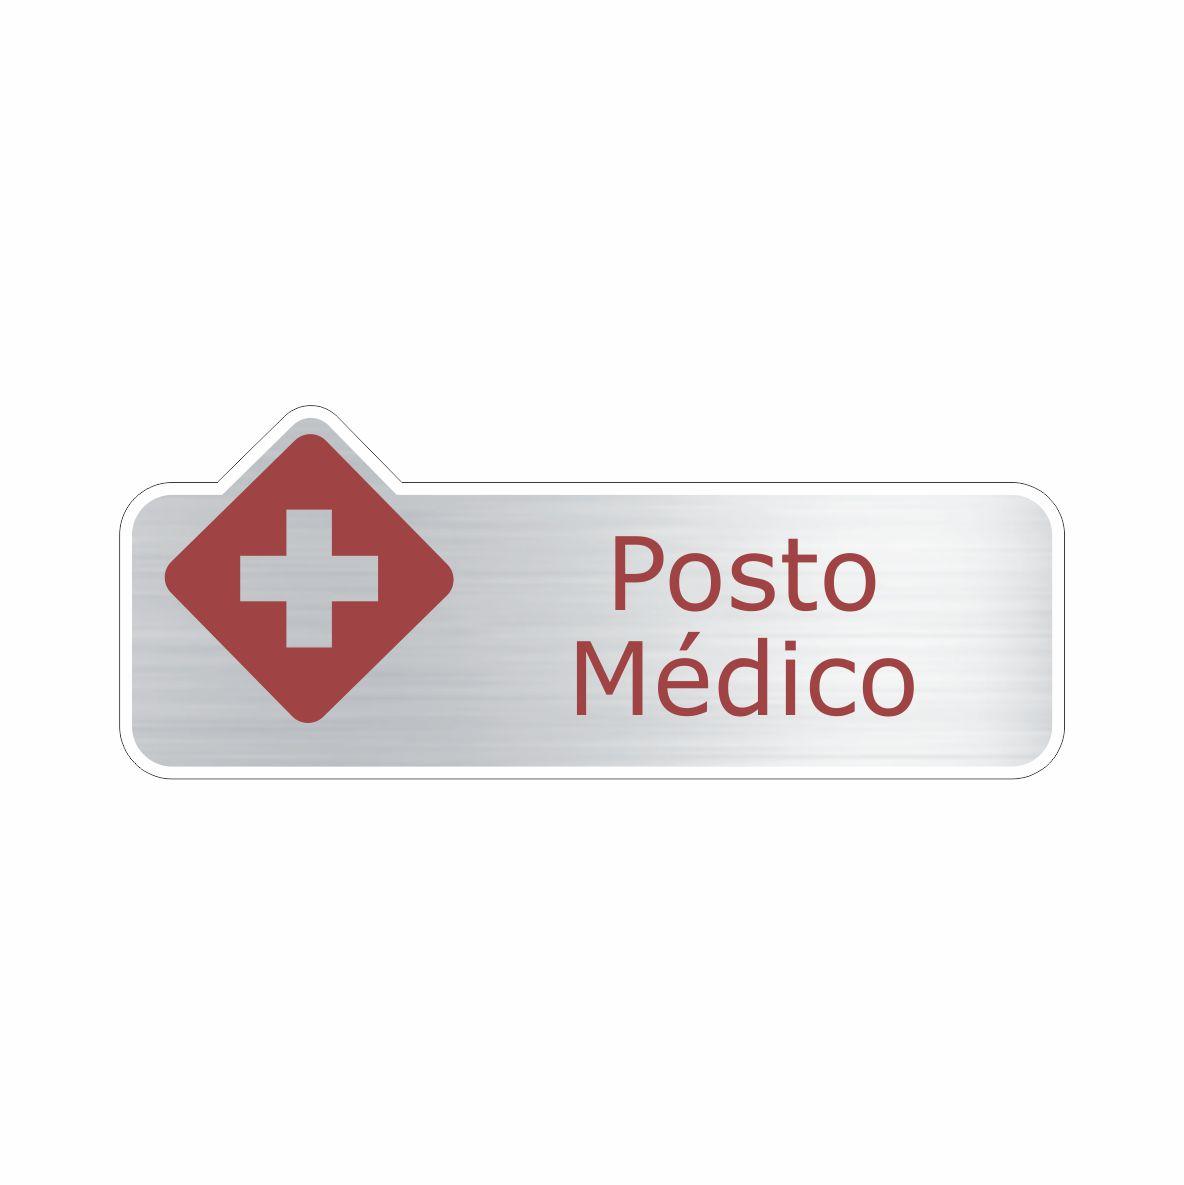 Posto médico  - Towbar Sinalização de Segurança